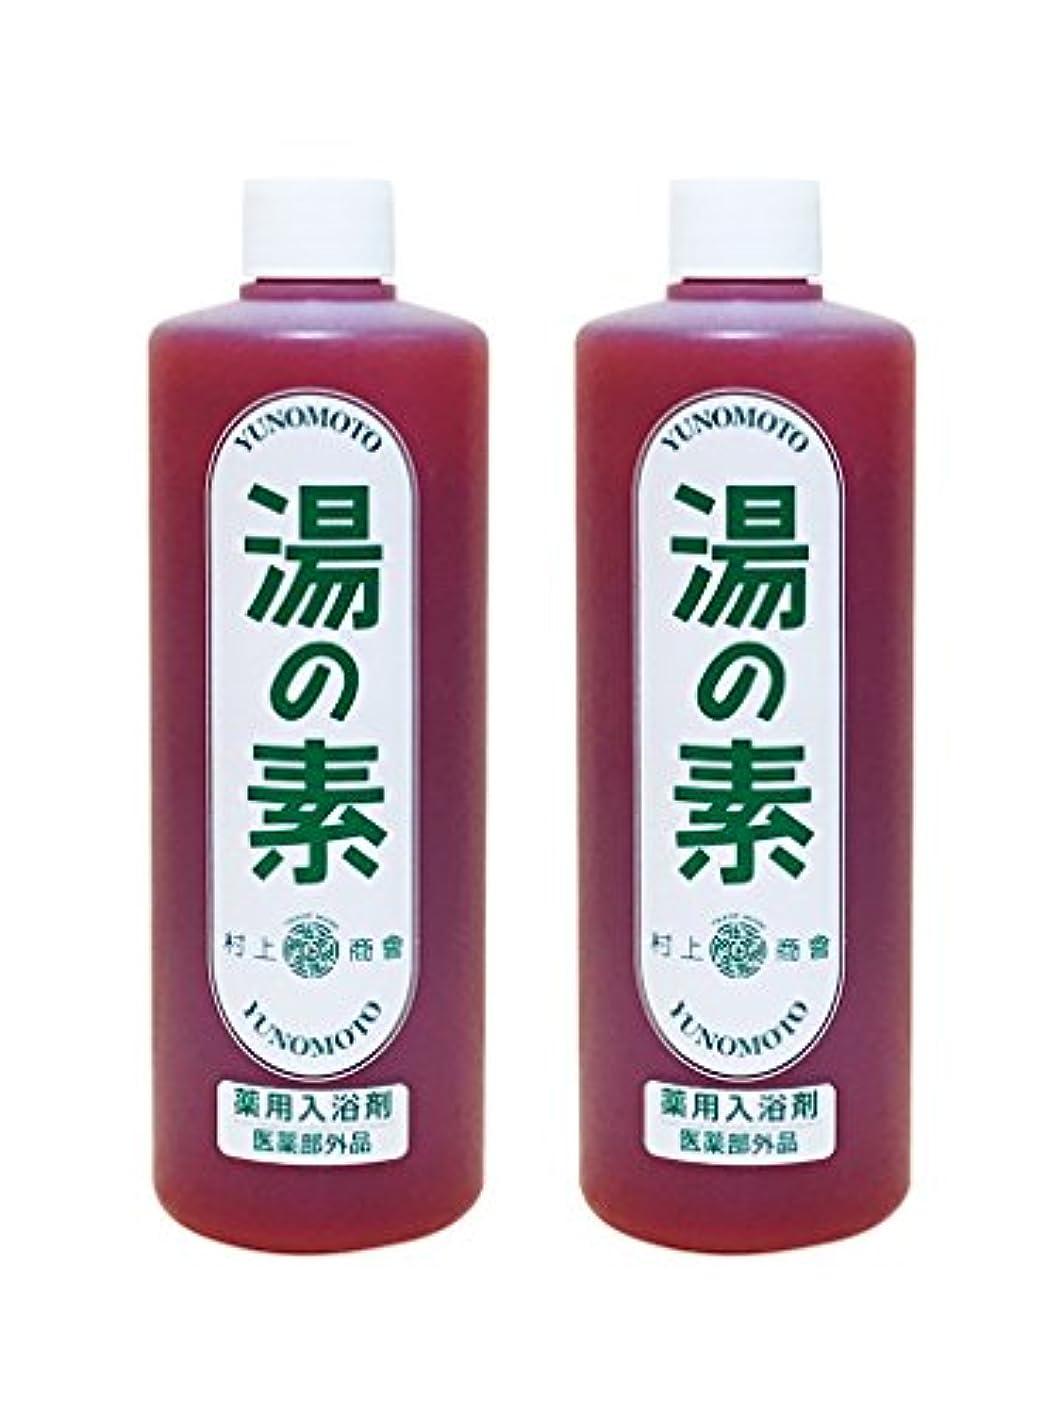 反響するカエル小屋硫黄乳白色湯 湯の素 薬用入浴剤 (医薬部外品) 490g 2本セット